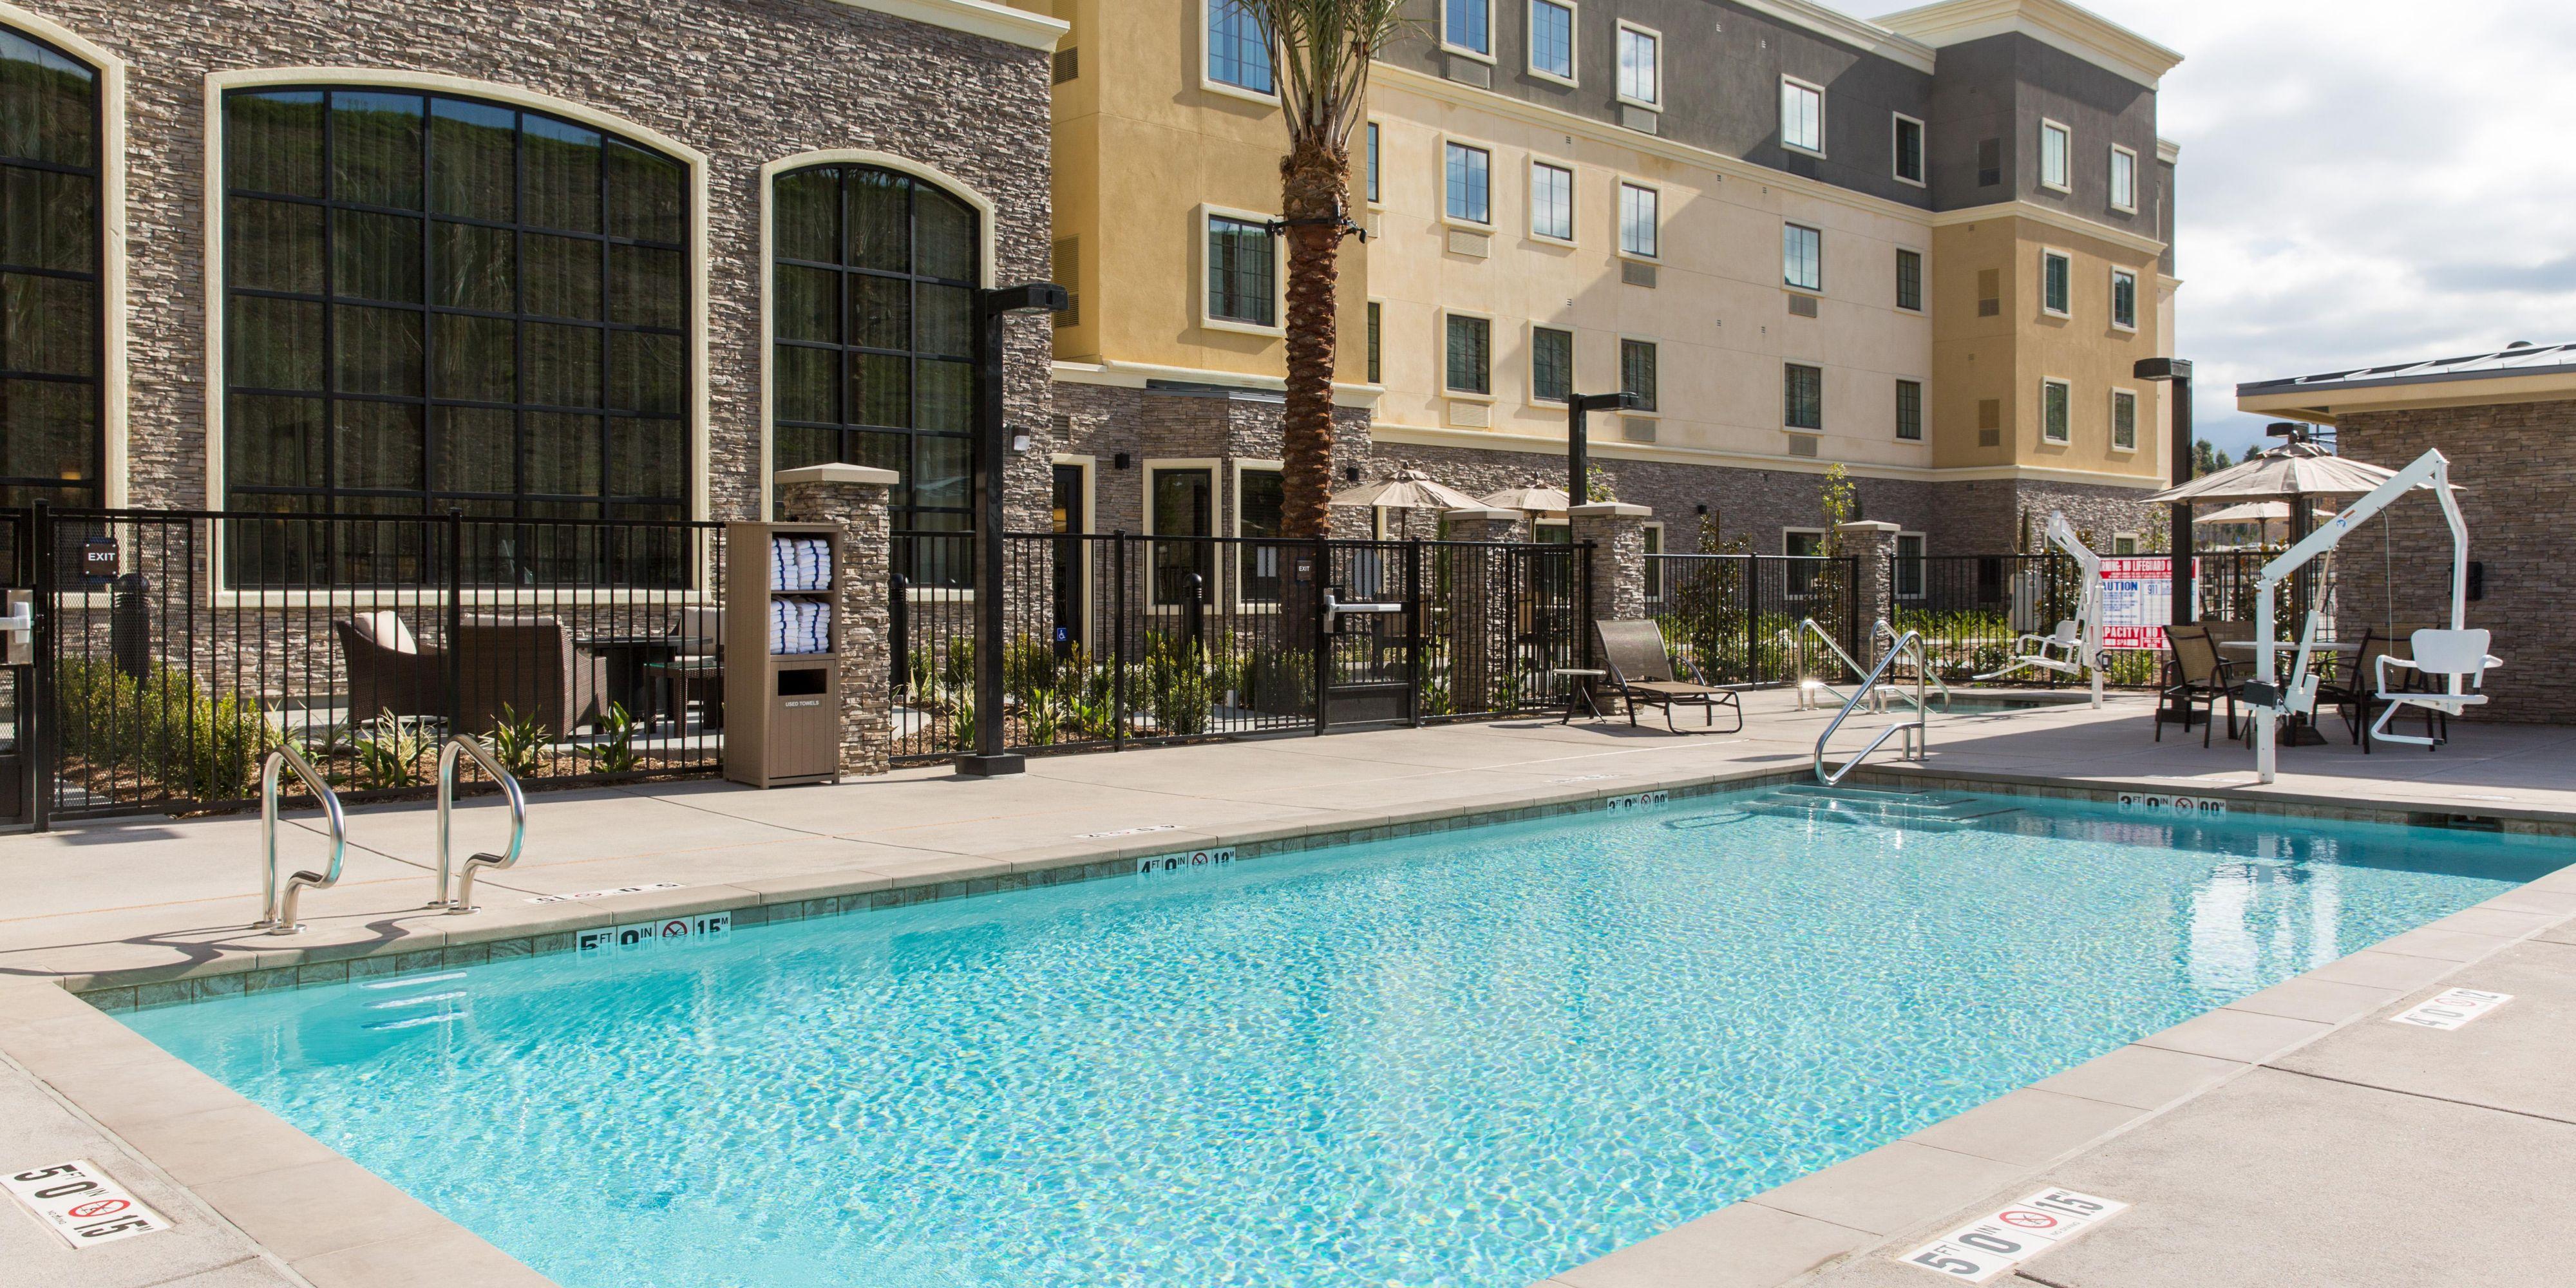 Staybridge Suites Corona South image 2